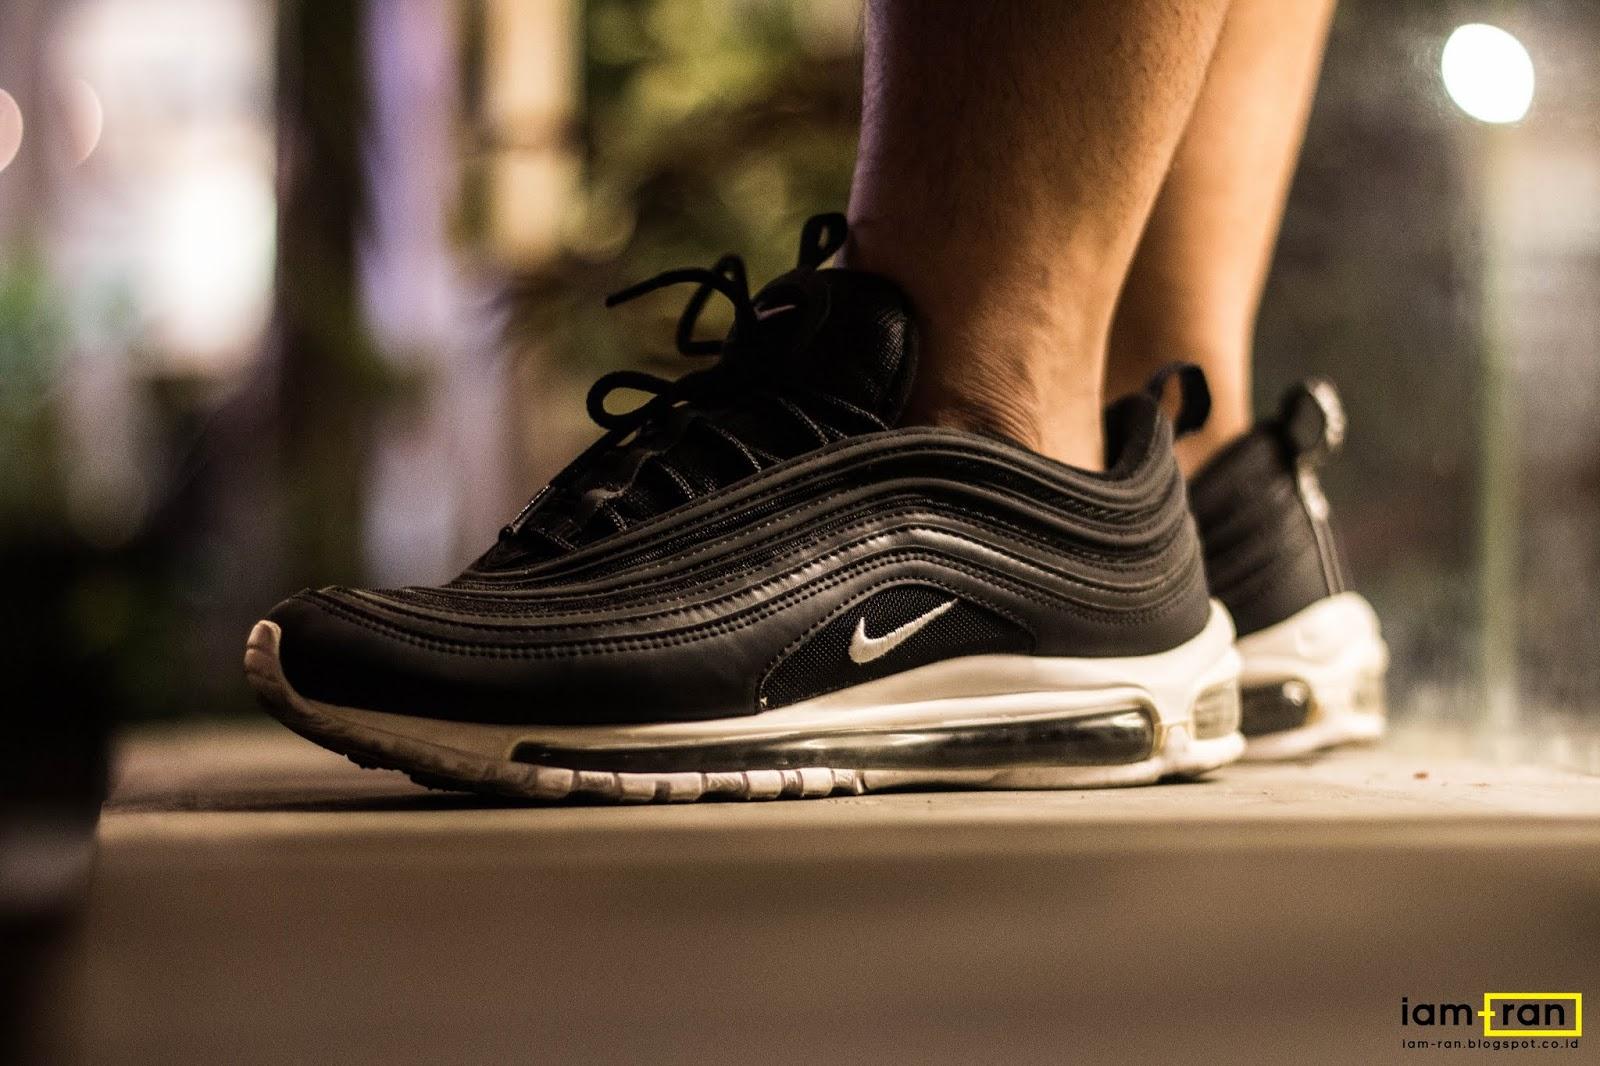 air max 97 all black on feet